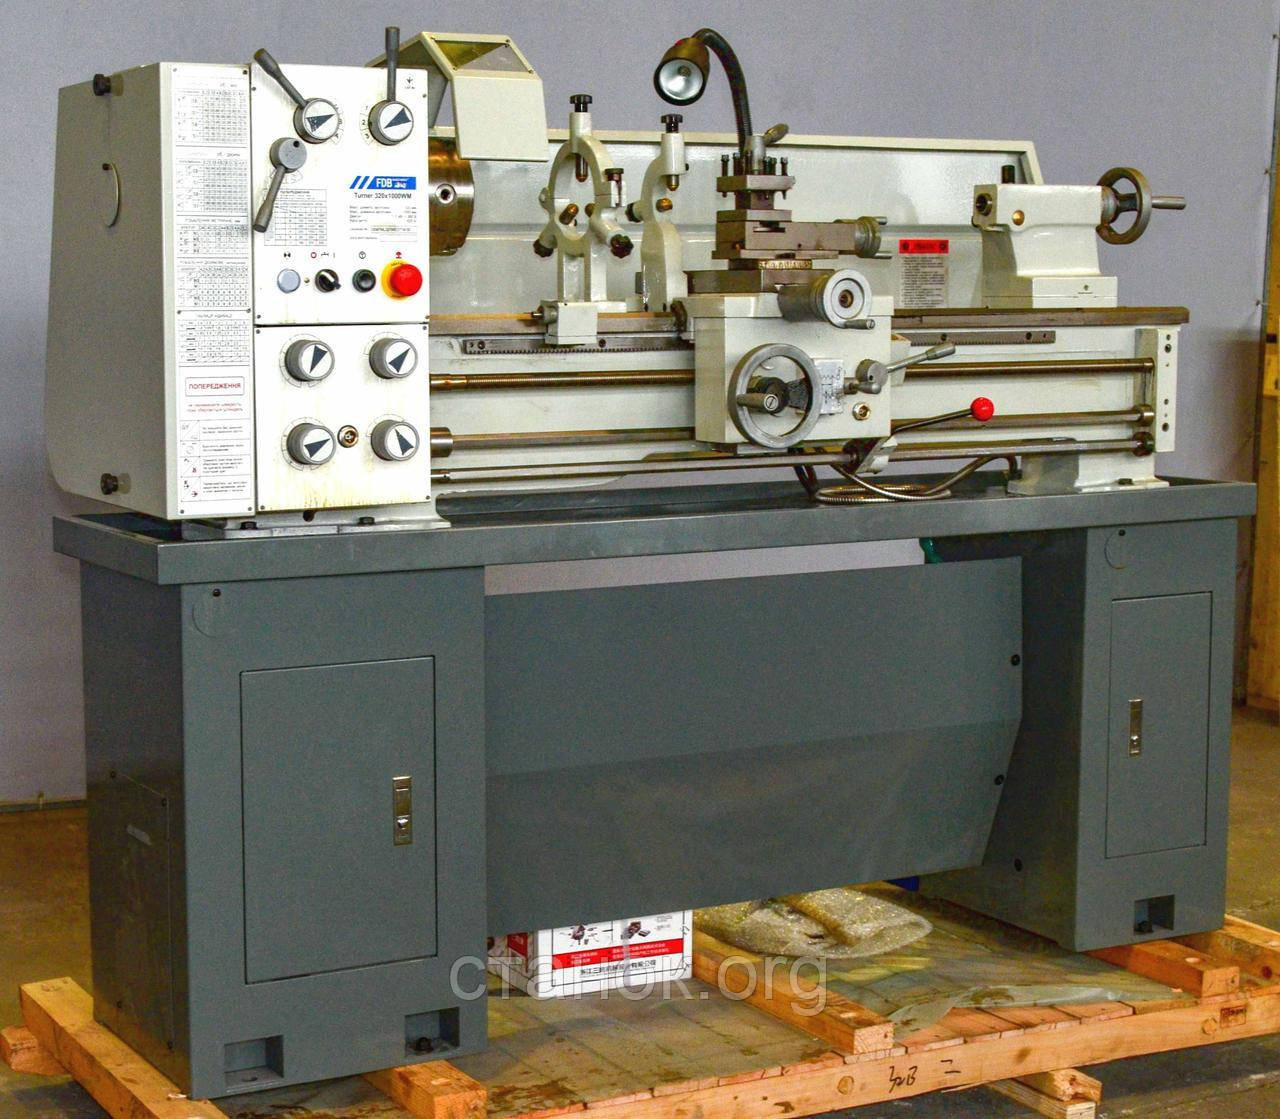 FDB Maschinen Turner 320 1000 W Токарный станок по металлу винторезный фдб 320 1000 в тюрнер машинен